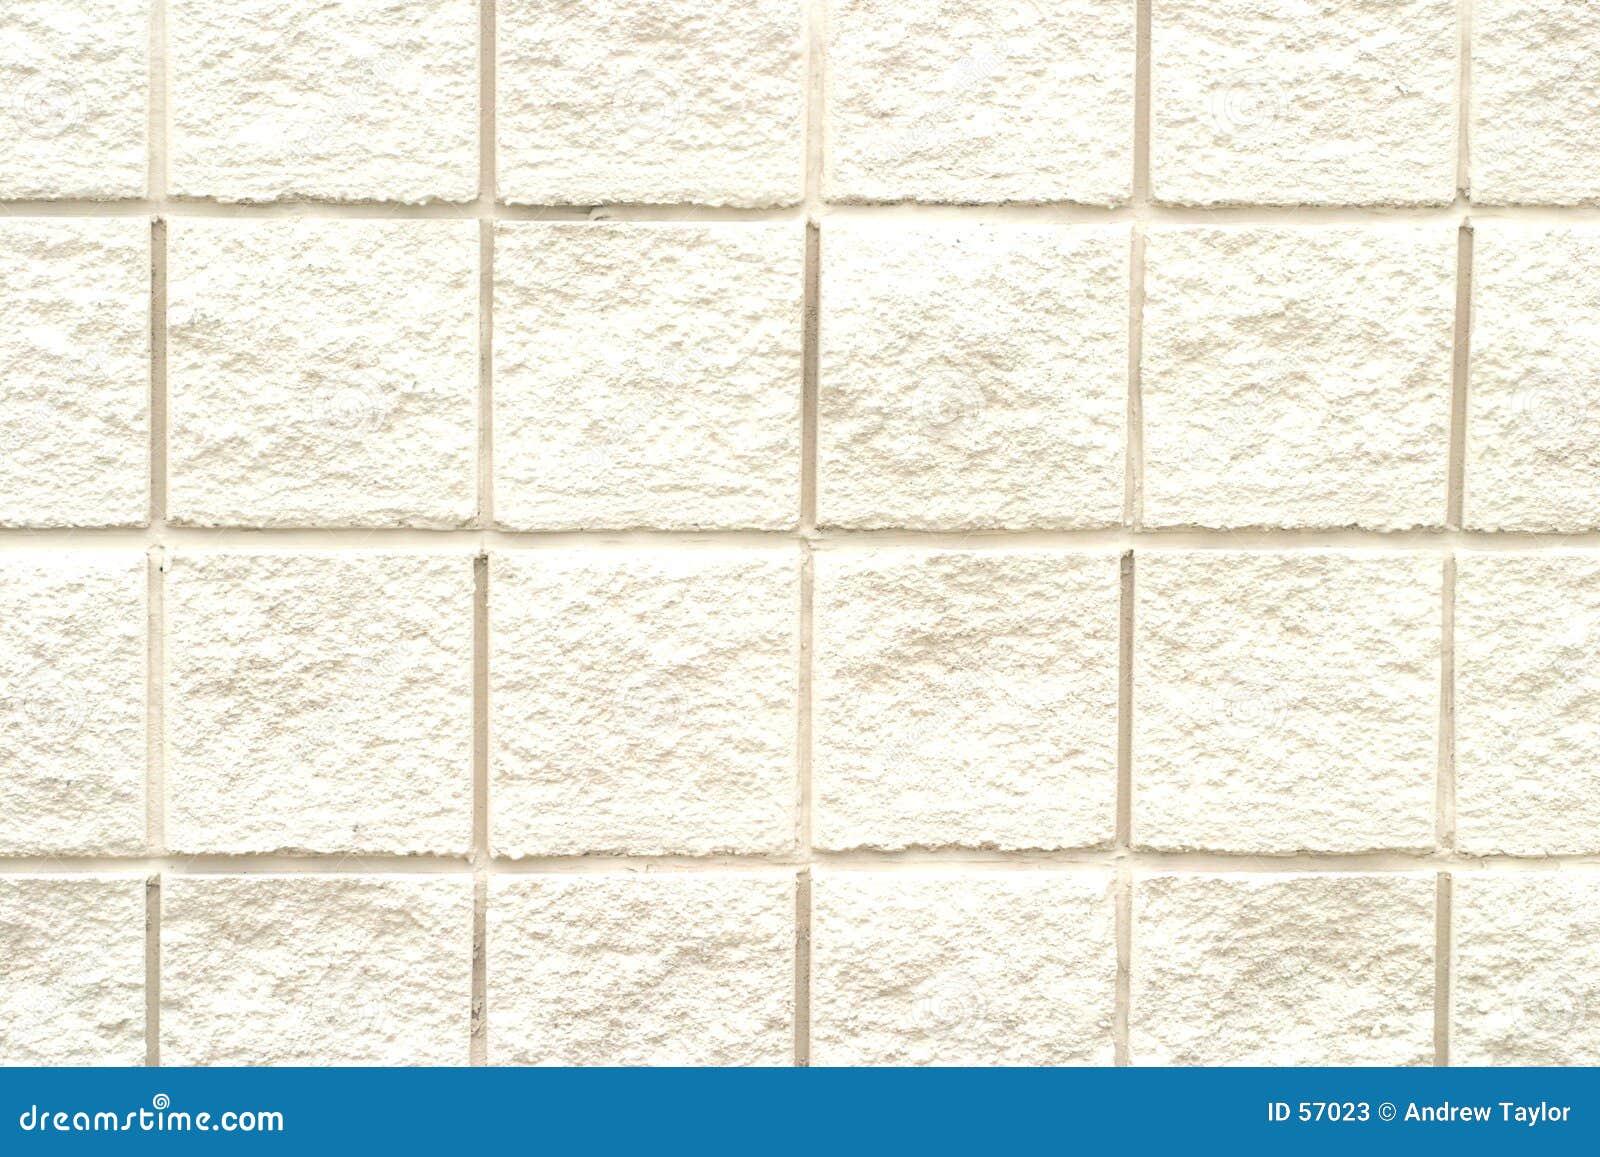 Weißes Ziegelstein-Muster